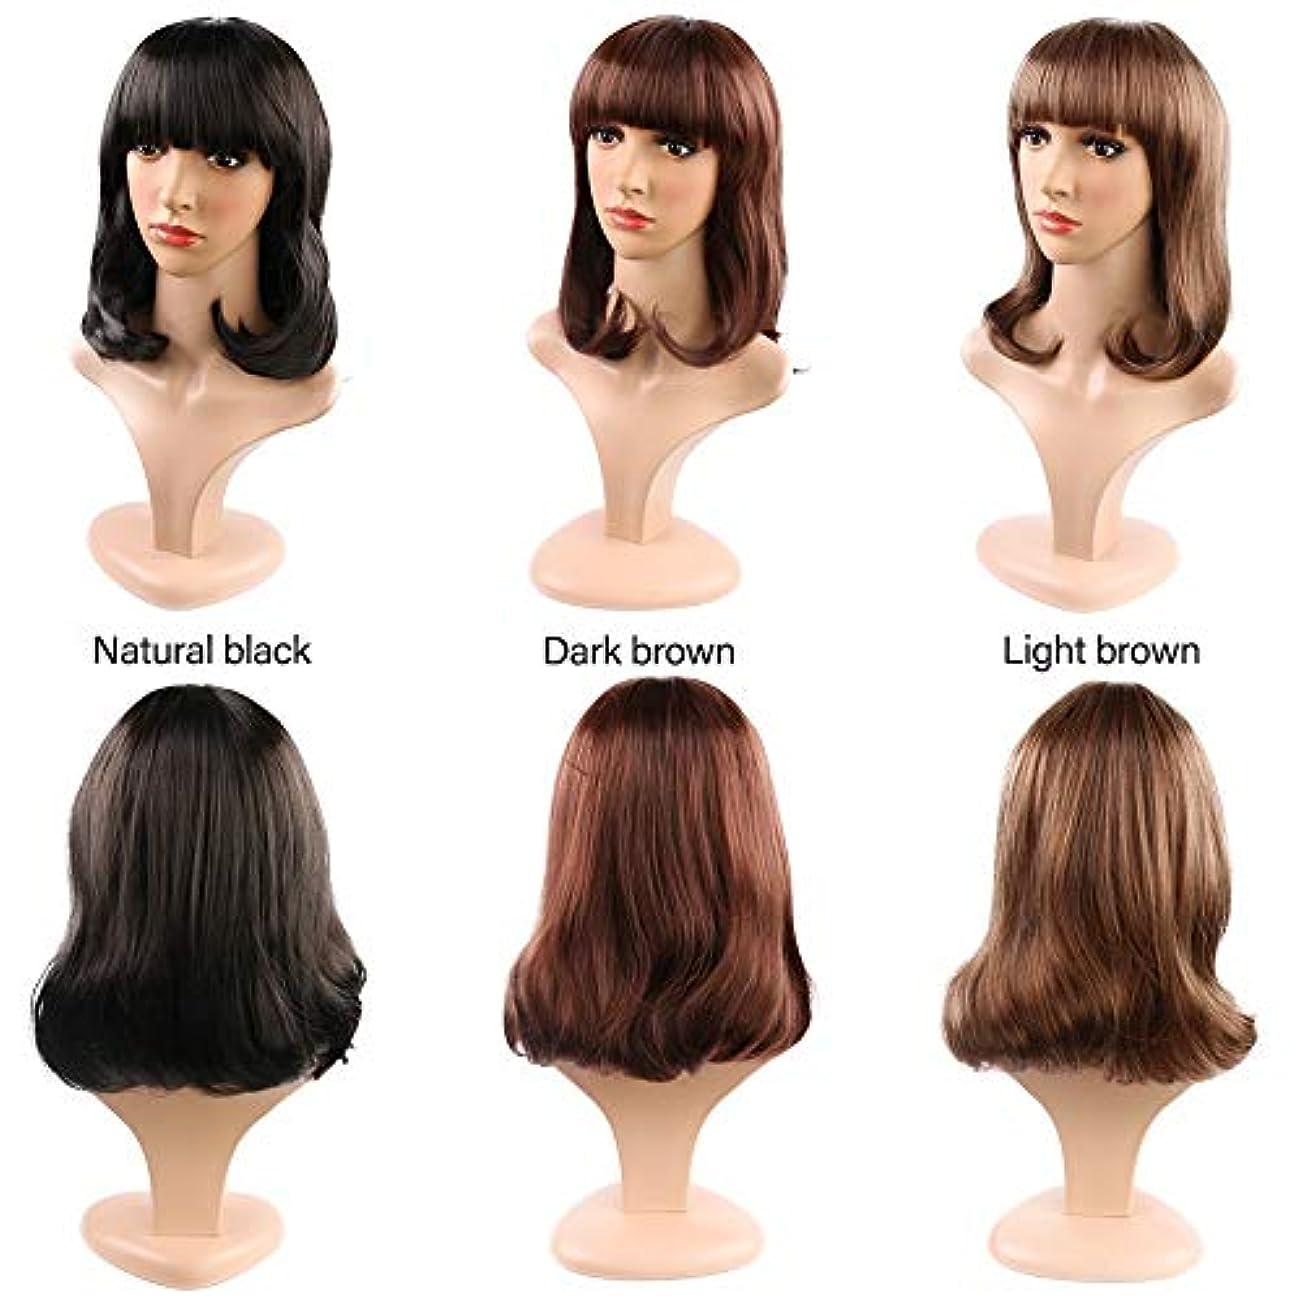 アッパー略奪遵守する女性の短い巻き毛のかつら14